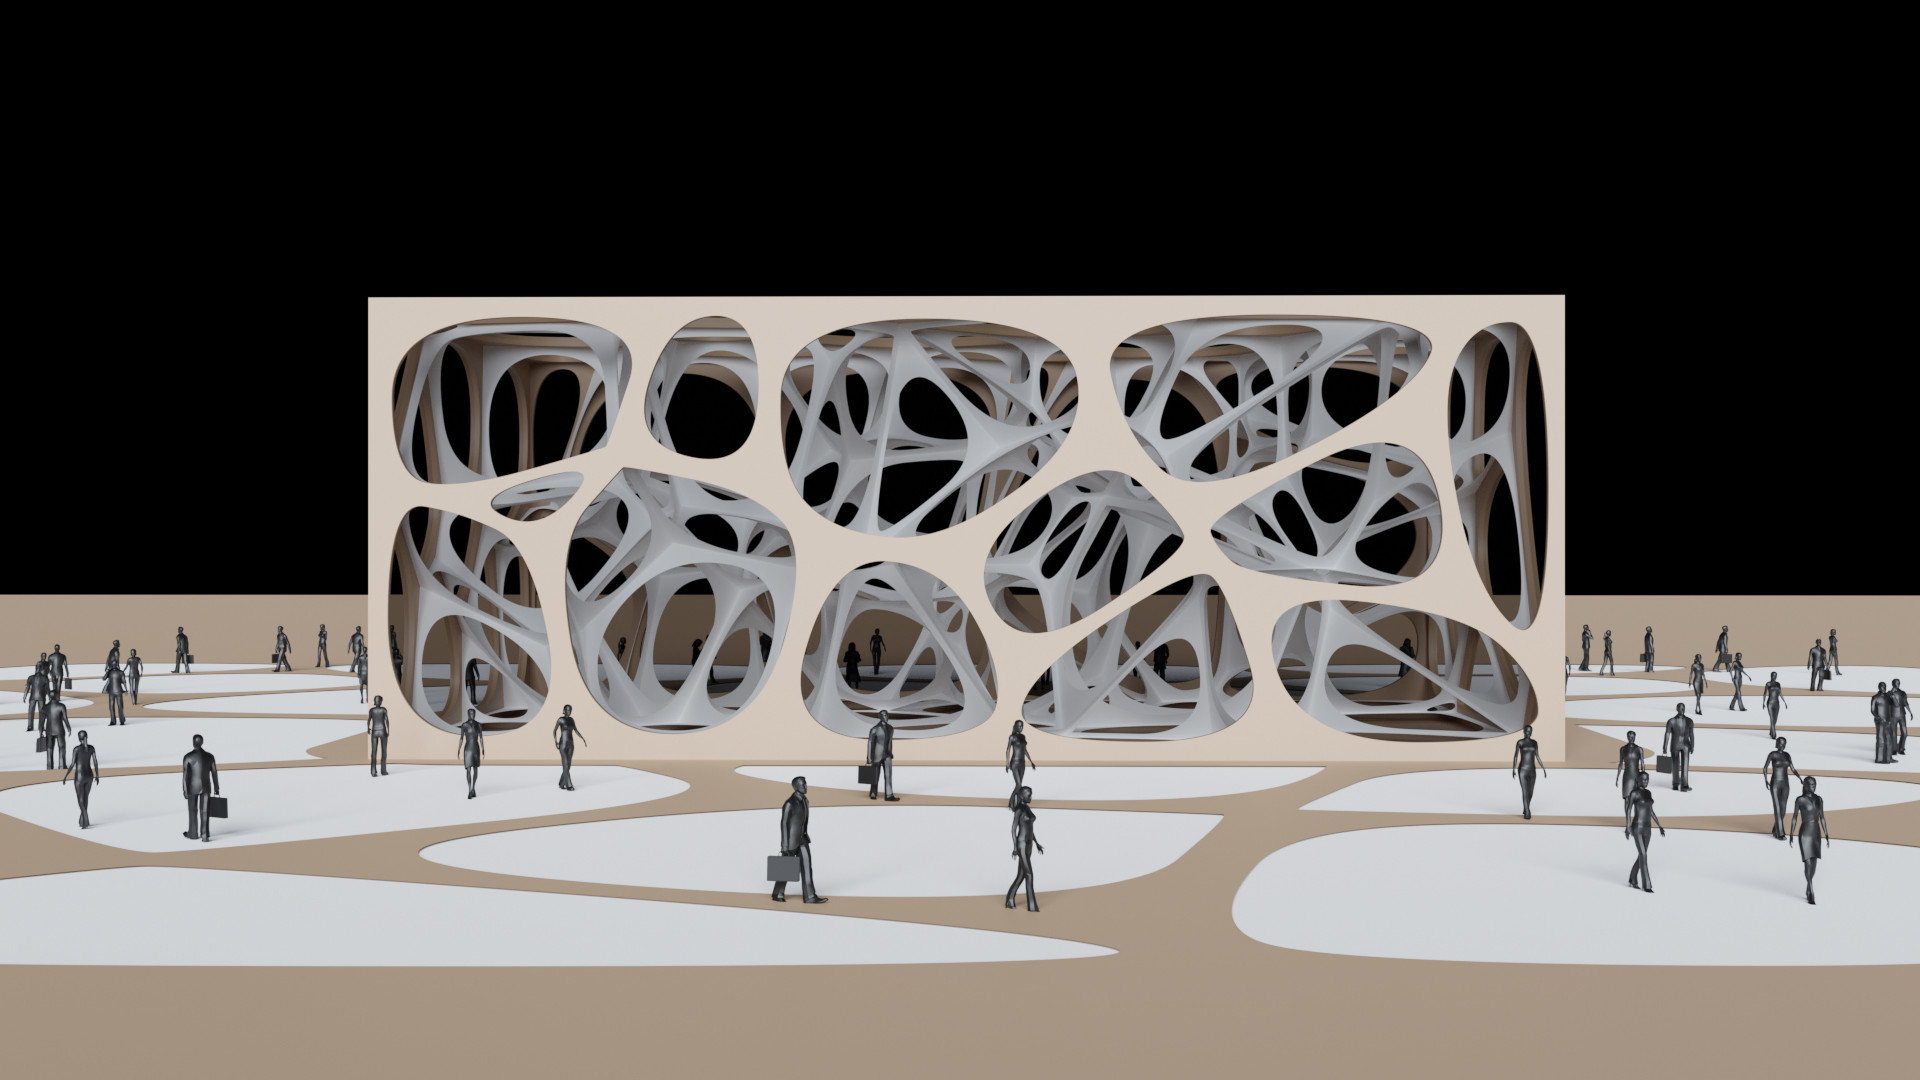 Voronoi Facade